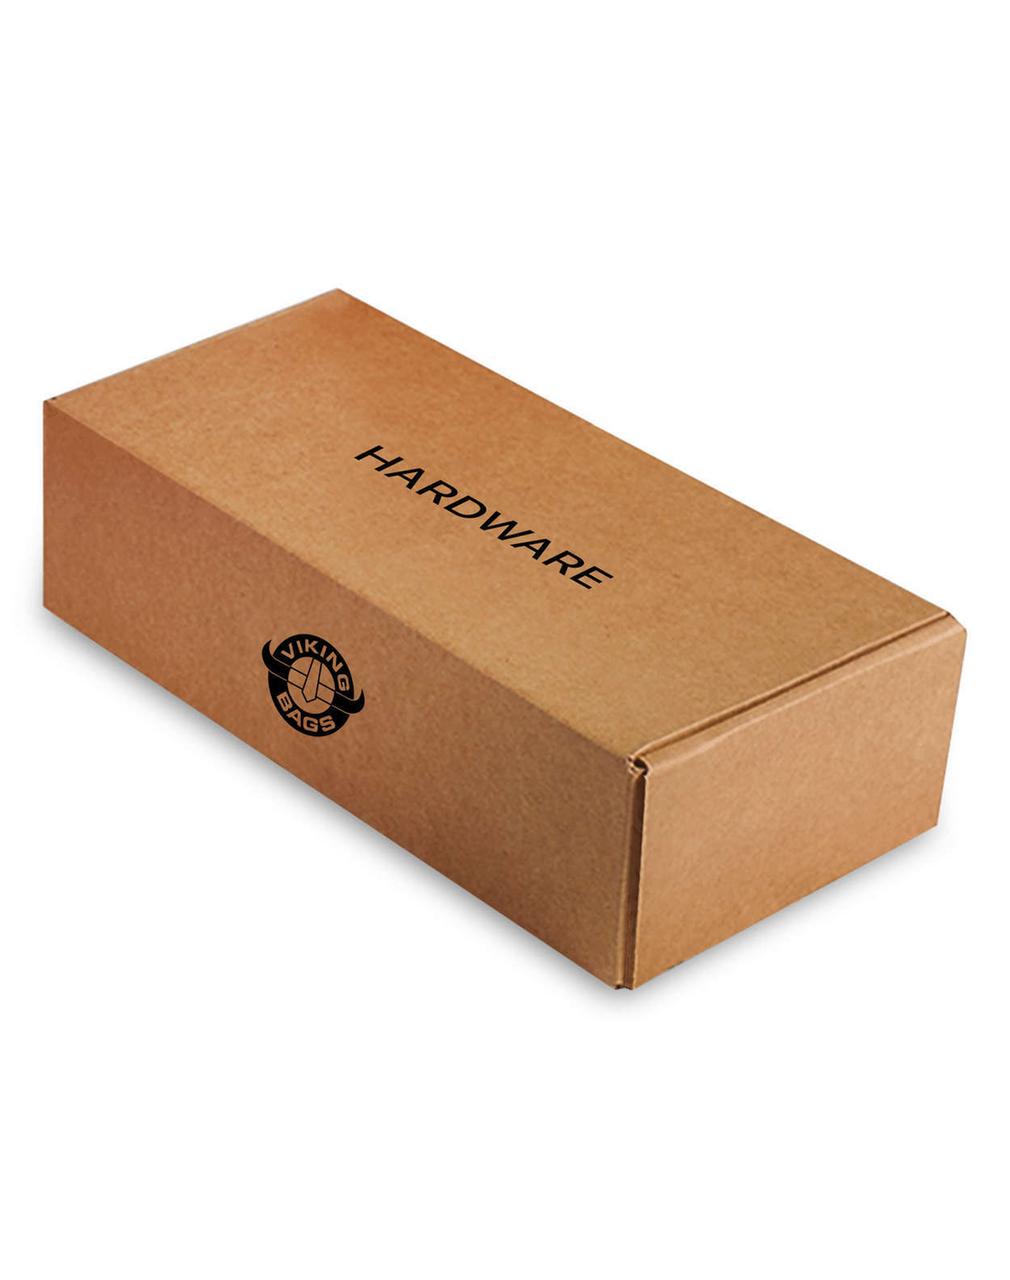 Honda 750 Shadow Aero Charger Slanted Studded Medium Motorcycle Saddlebags Box